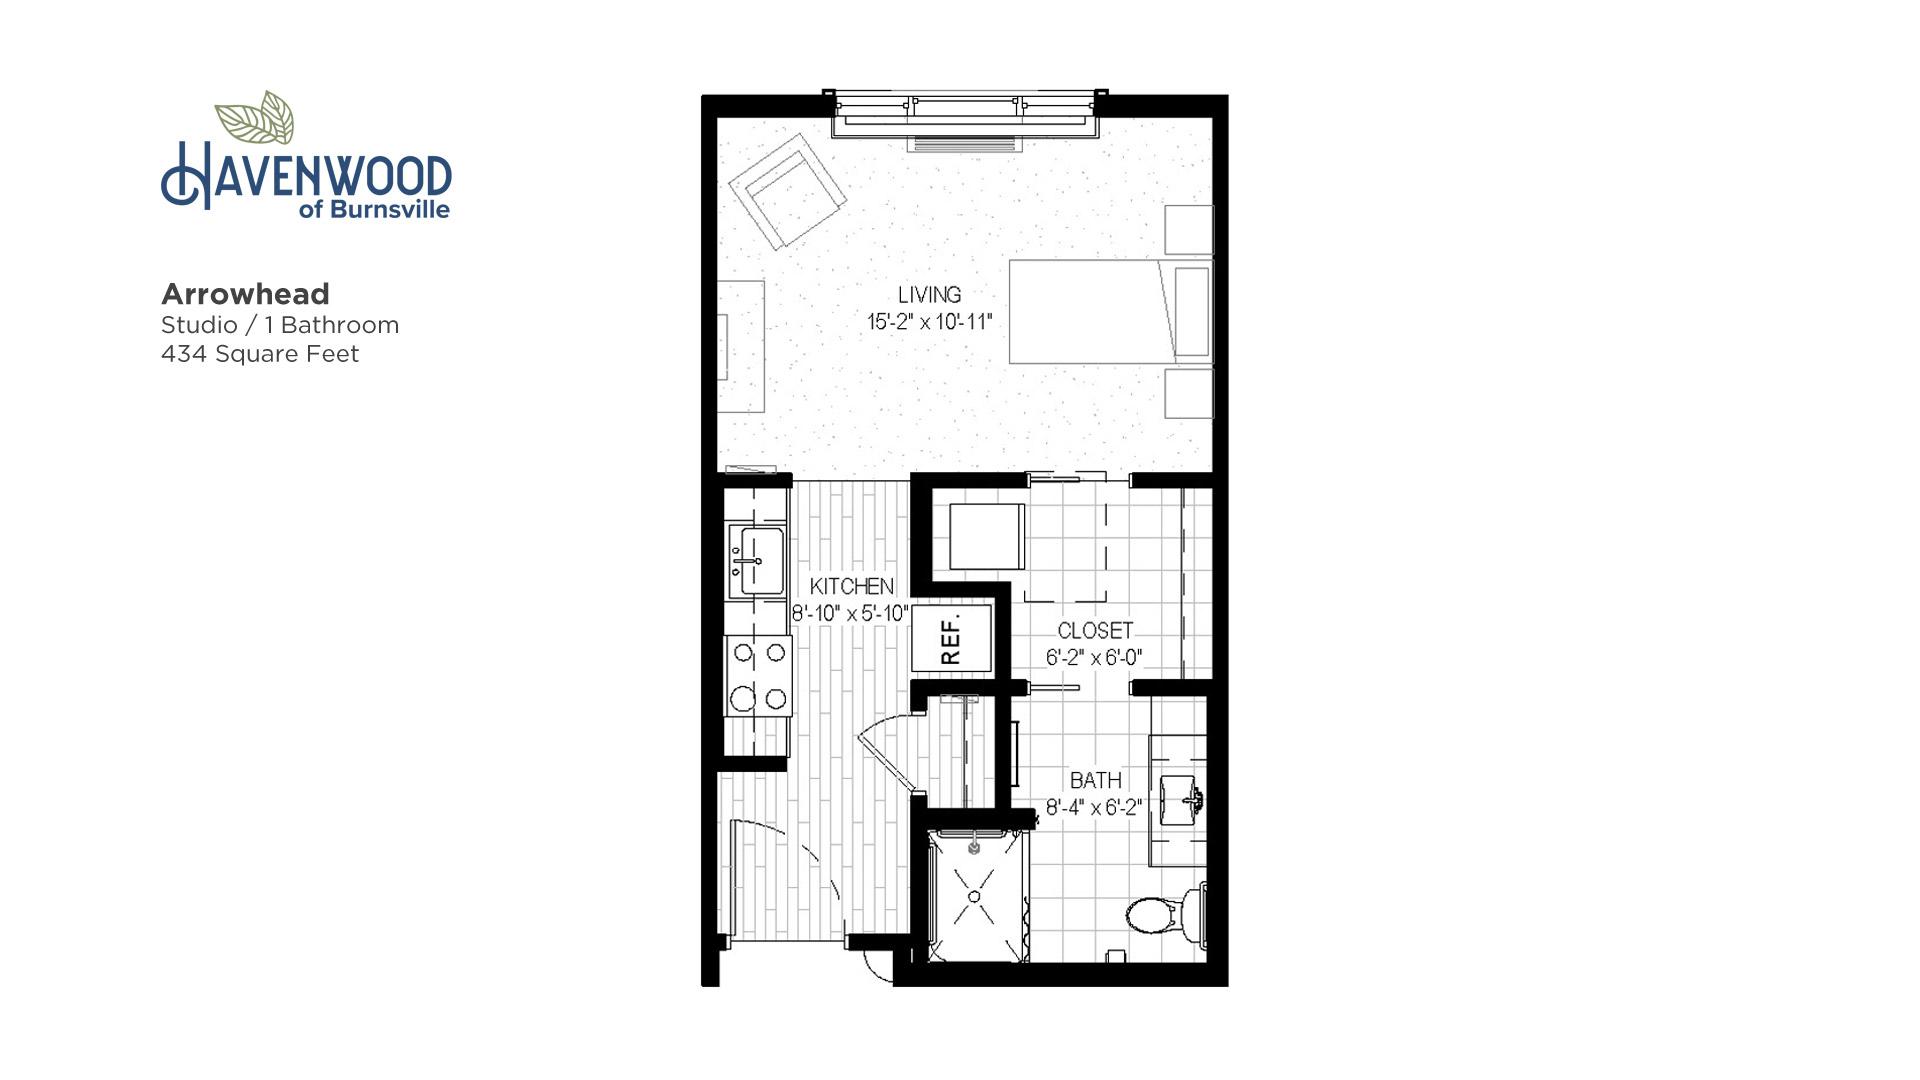 Havenwood of Burnsville Arrowhead Floor Plan